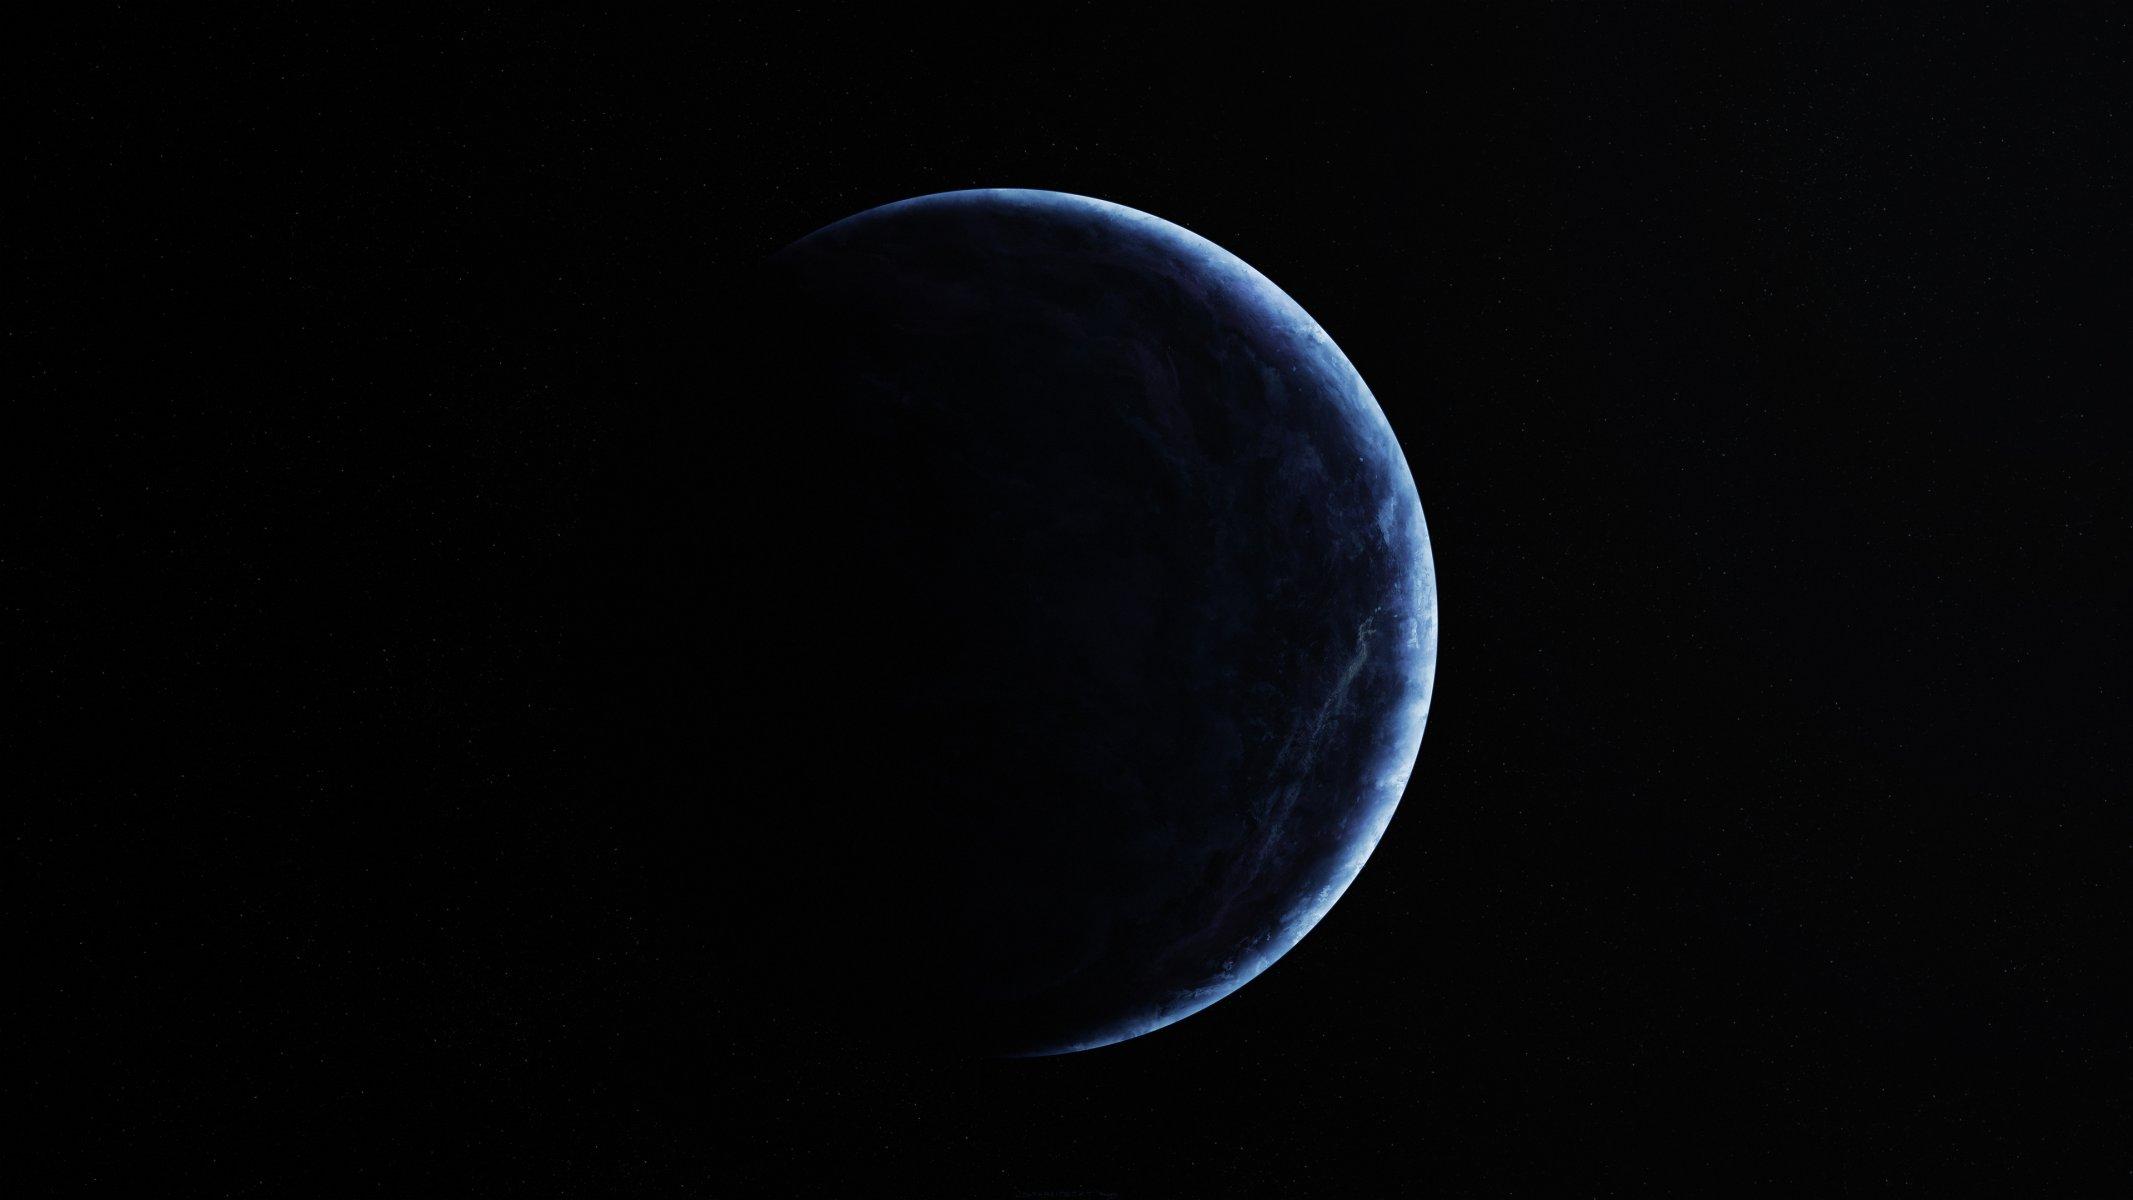 Жизнь во тьме: ученые прогнозируют конец света, во время которого человечество будет погибать медленно